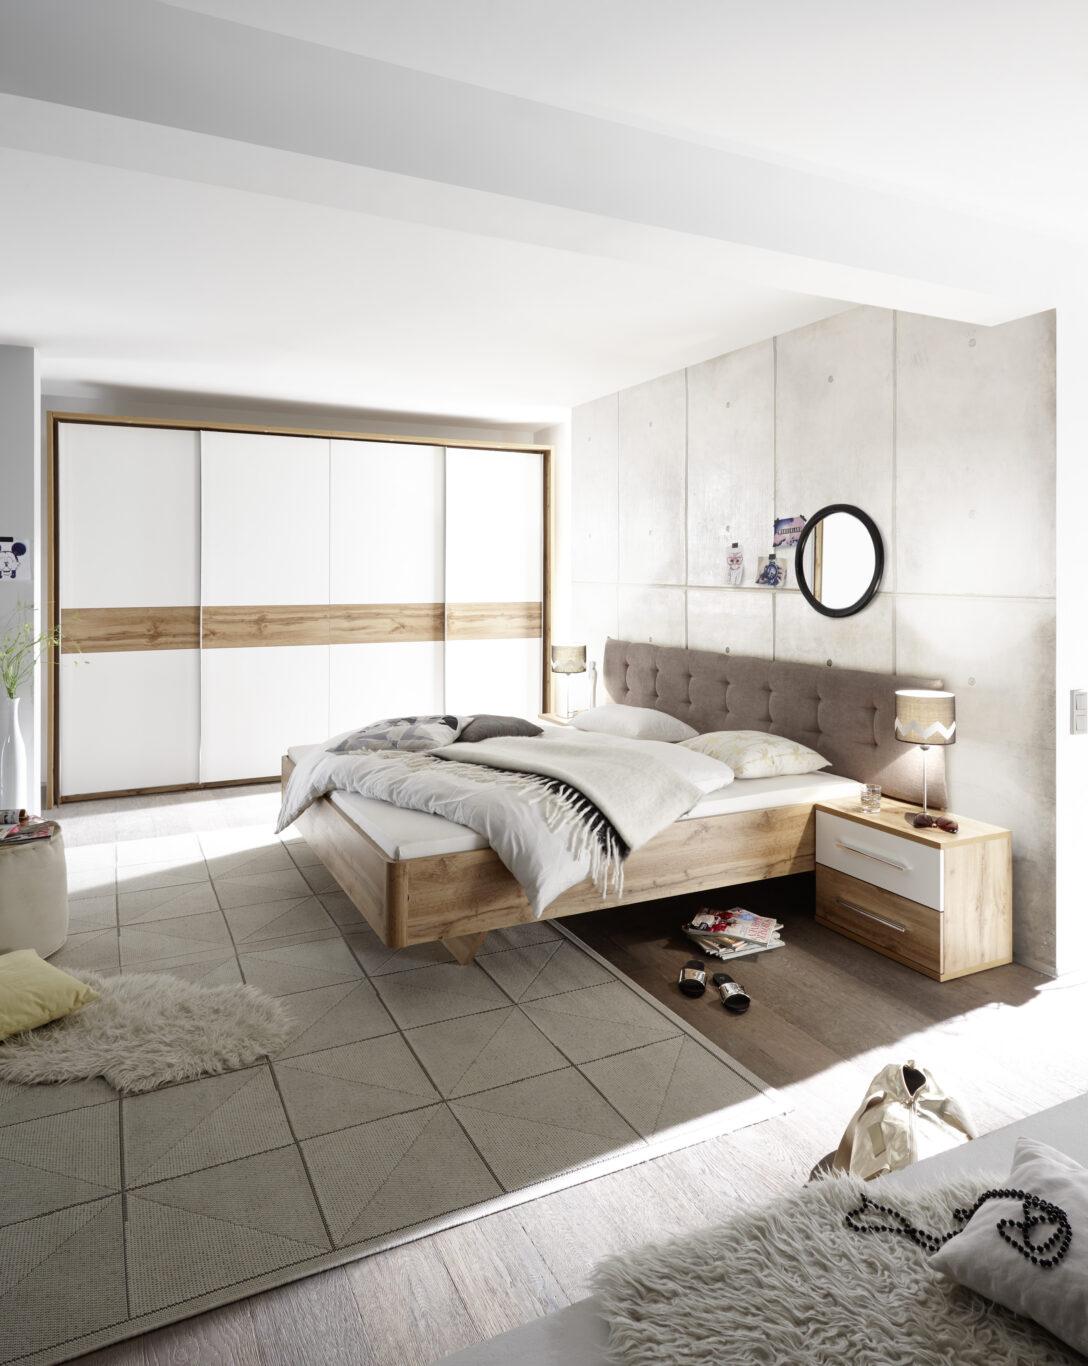 Large Size of Schlafzimmer Komplett Set 5 Tlg Bergamo Bett 180 Kleiderschrank Teppich Komplettangebote Kommode Günstig Mit Boxspringbett Lampen Schimmel Im Loddenkemper Wohnzimmer Schlafzimmer Komplett